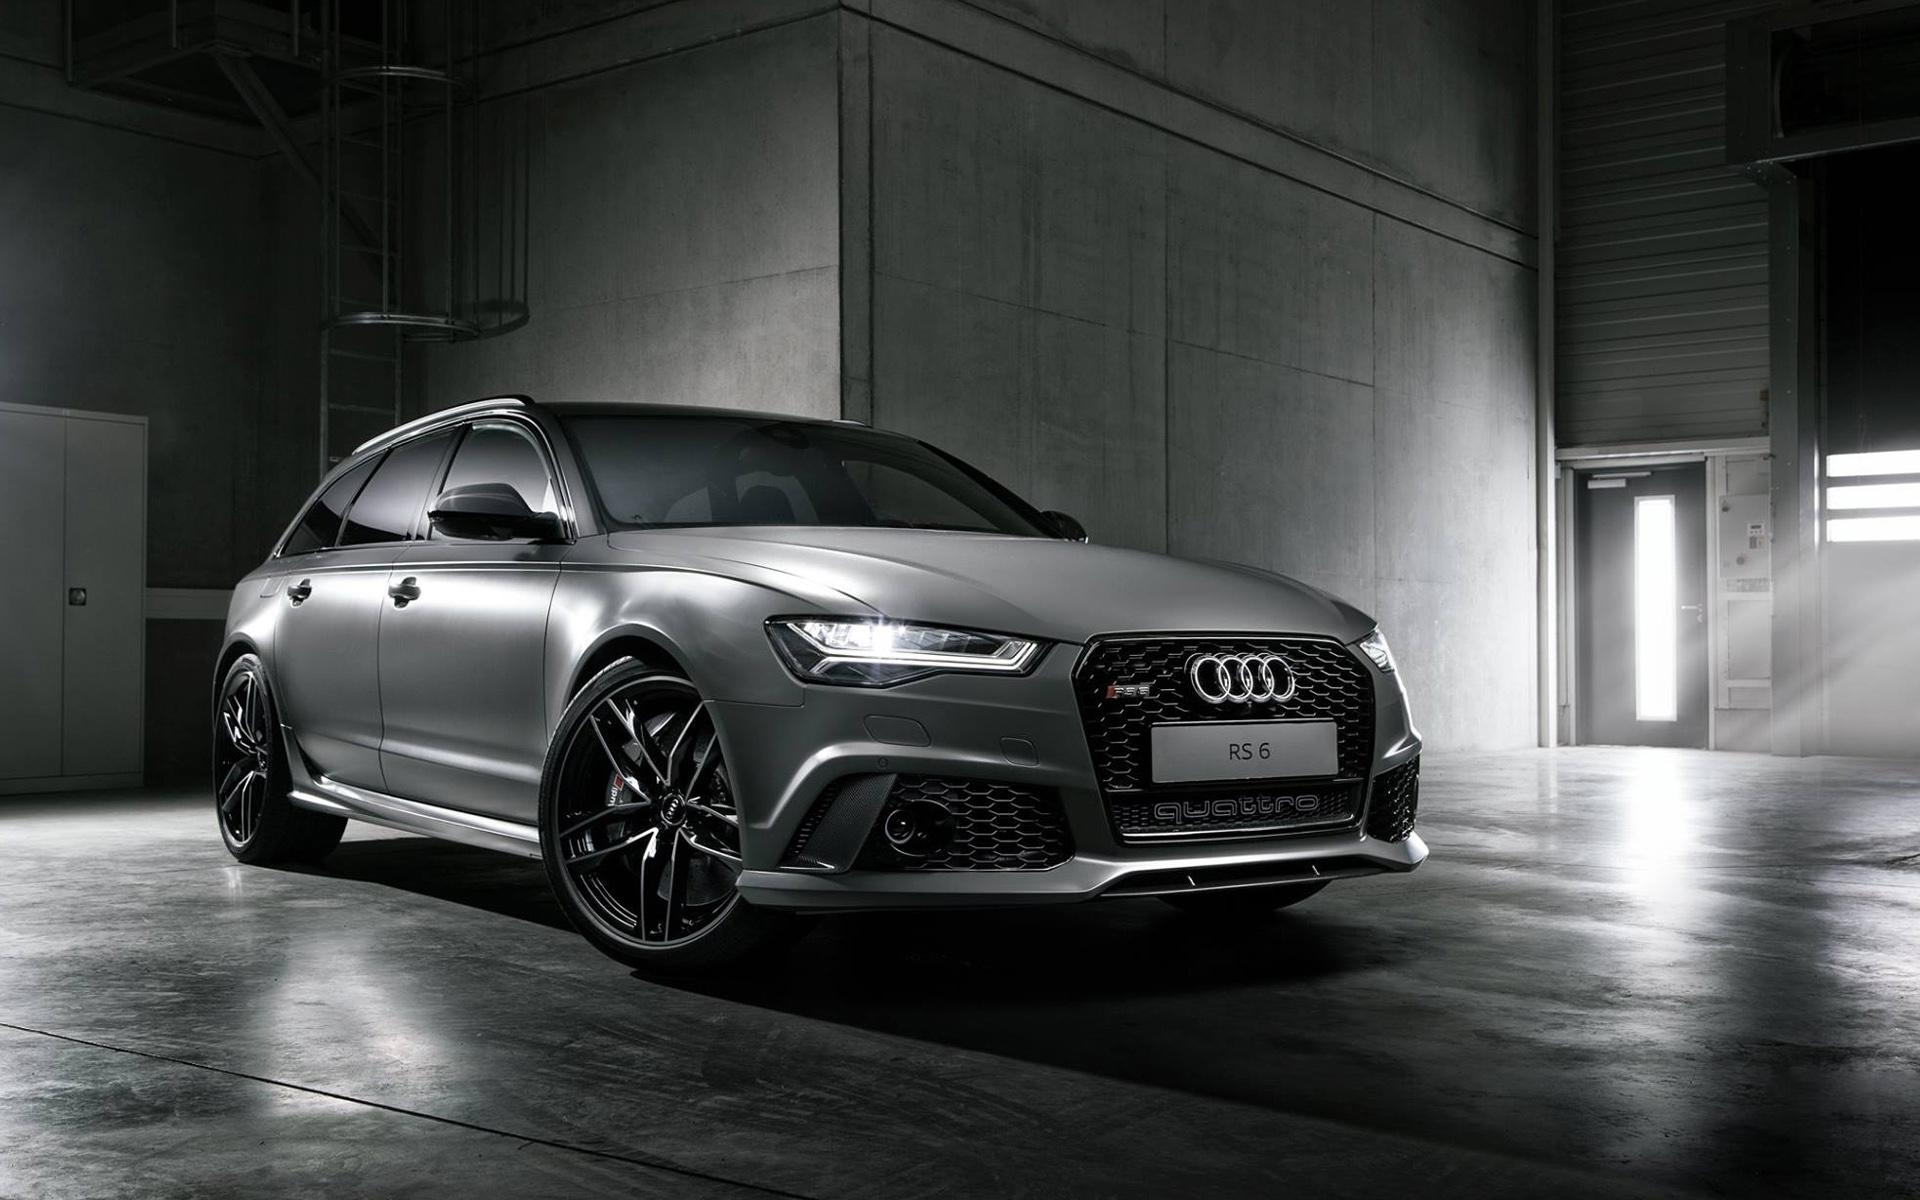 2015 Audi Rs6 Avant Exclusive Wallpaper  Hd Car